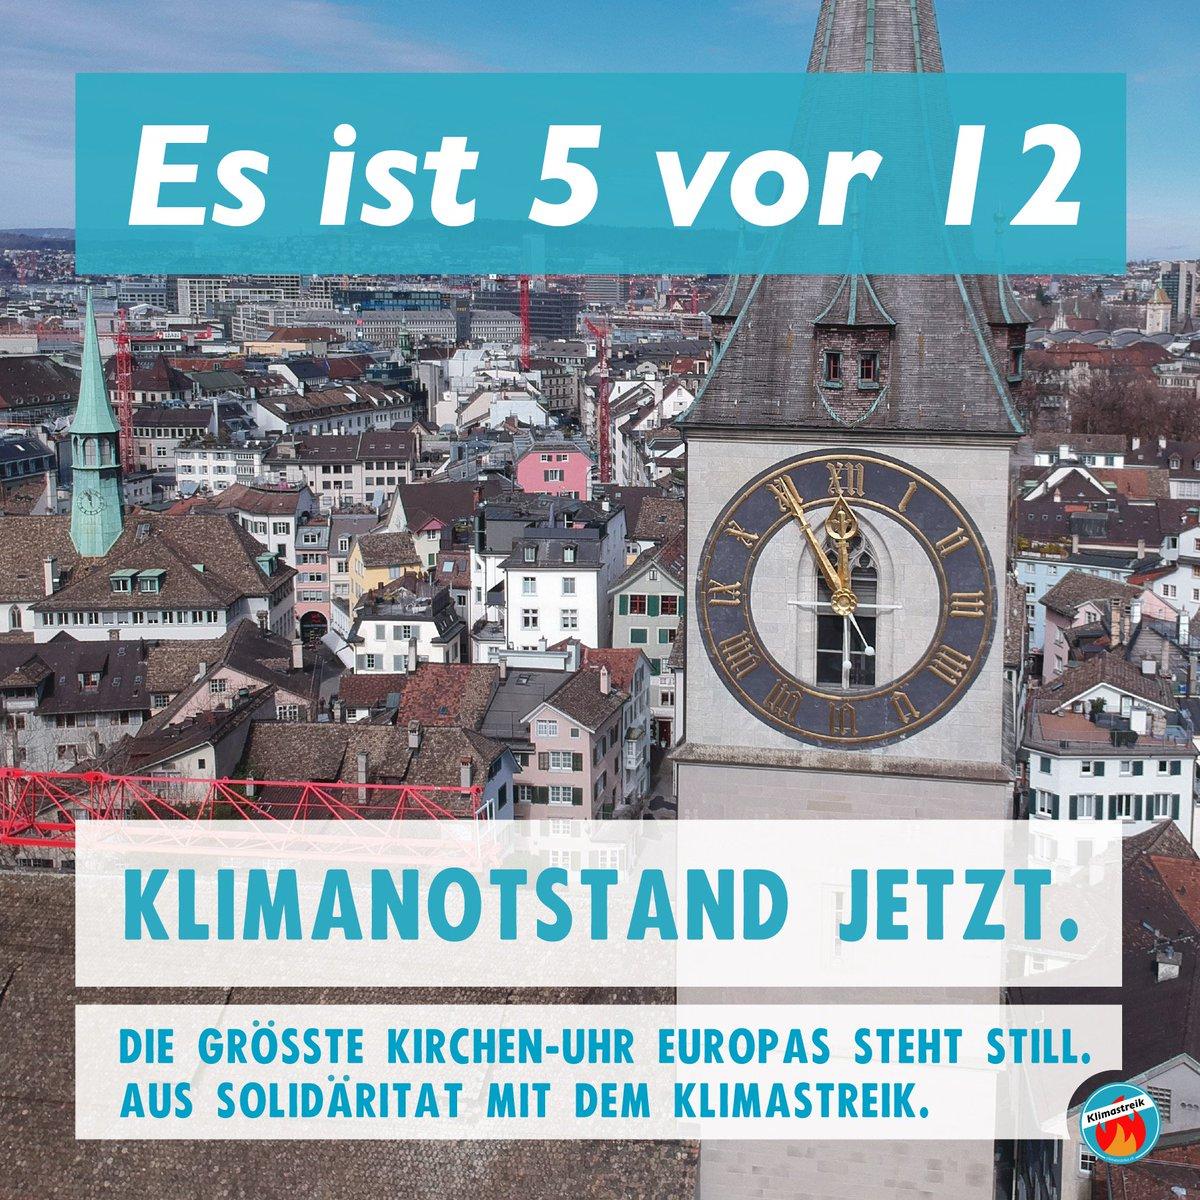 Seit dem Mittag steht die grösste Kirchen-Uhr Europas still. Aus Solidarität mit dem Klimastreik hat die St. Peterskirche in Zürich die Zeiger angehalten. Am 15. März alle auf die Strasse für sofortigen Klimaschutz! 🔥 #Klimastreik #strike4climate @FridayForFuture @GretaThunberg